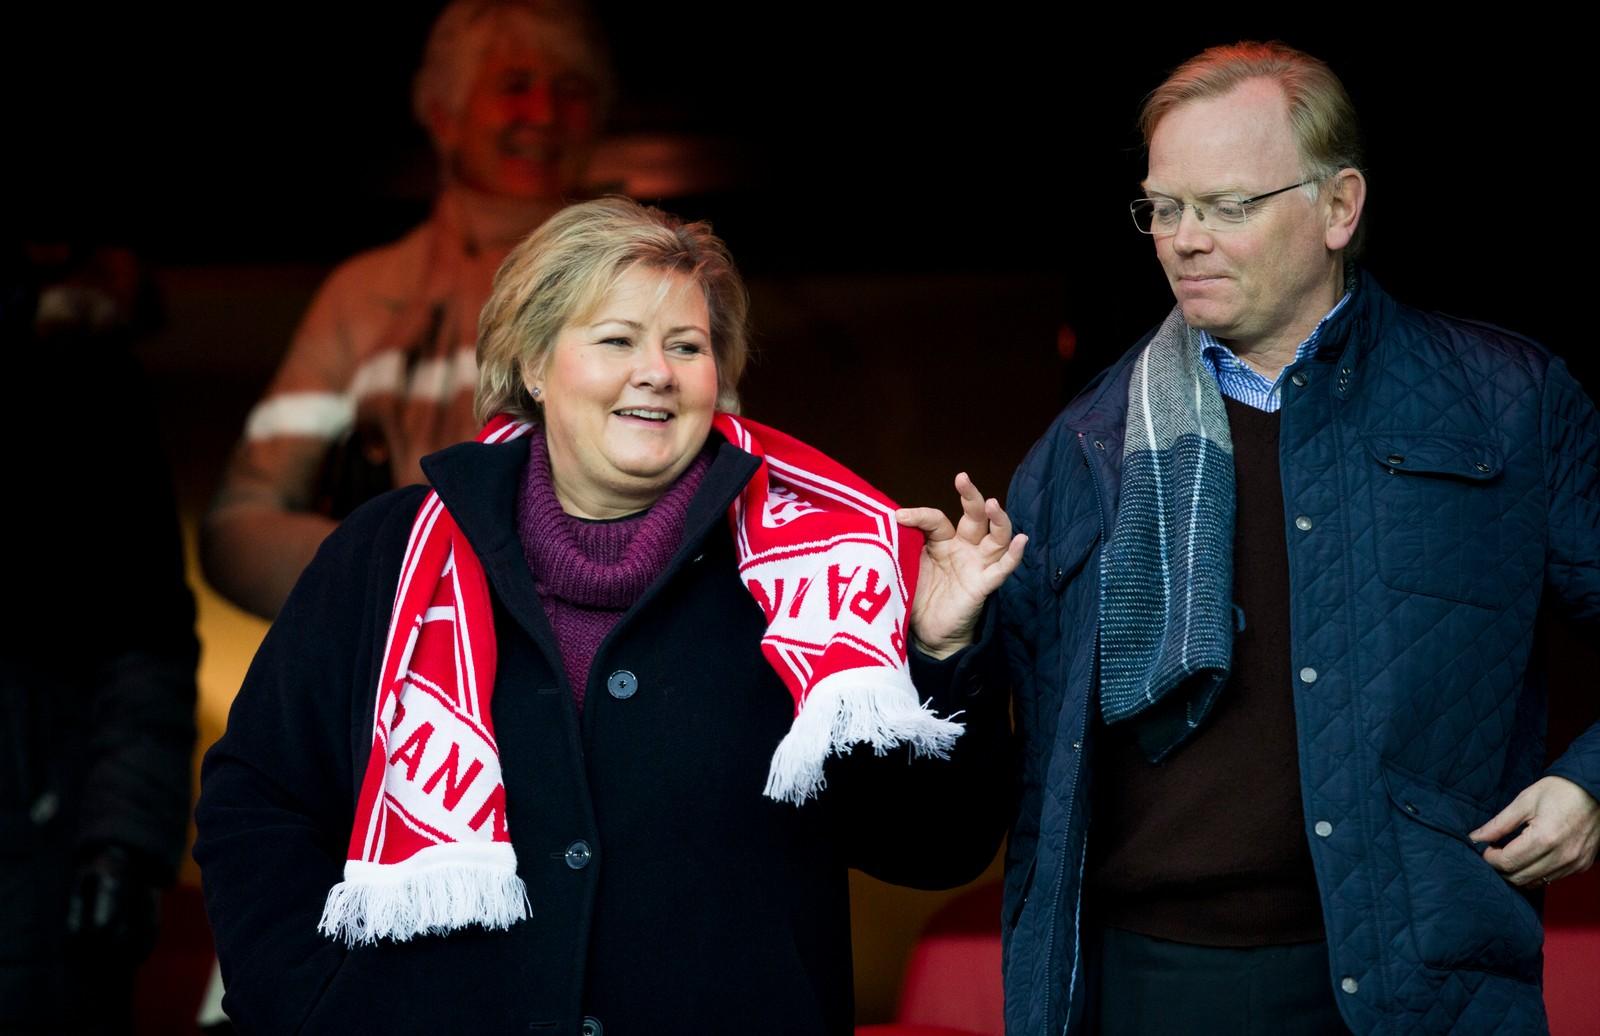 Statsminister Erna Solberg med Brann-skjerf og hennes mann Sindre Finnes på tribunen.